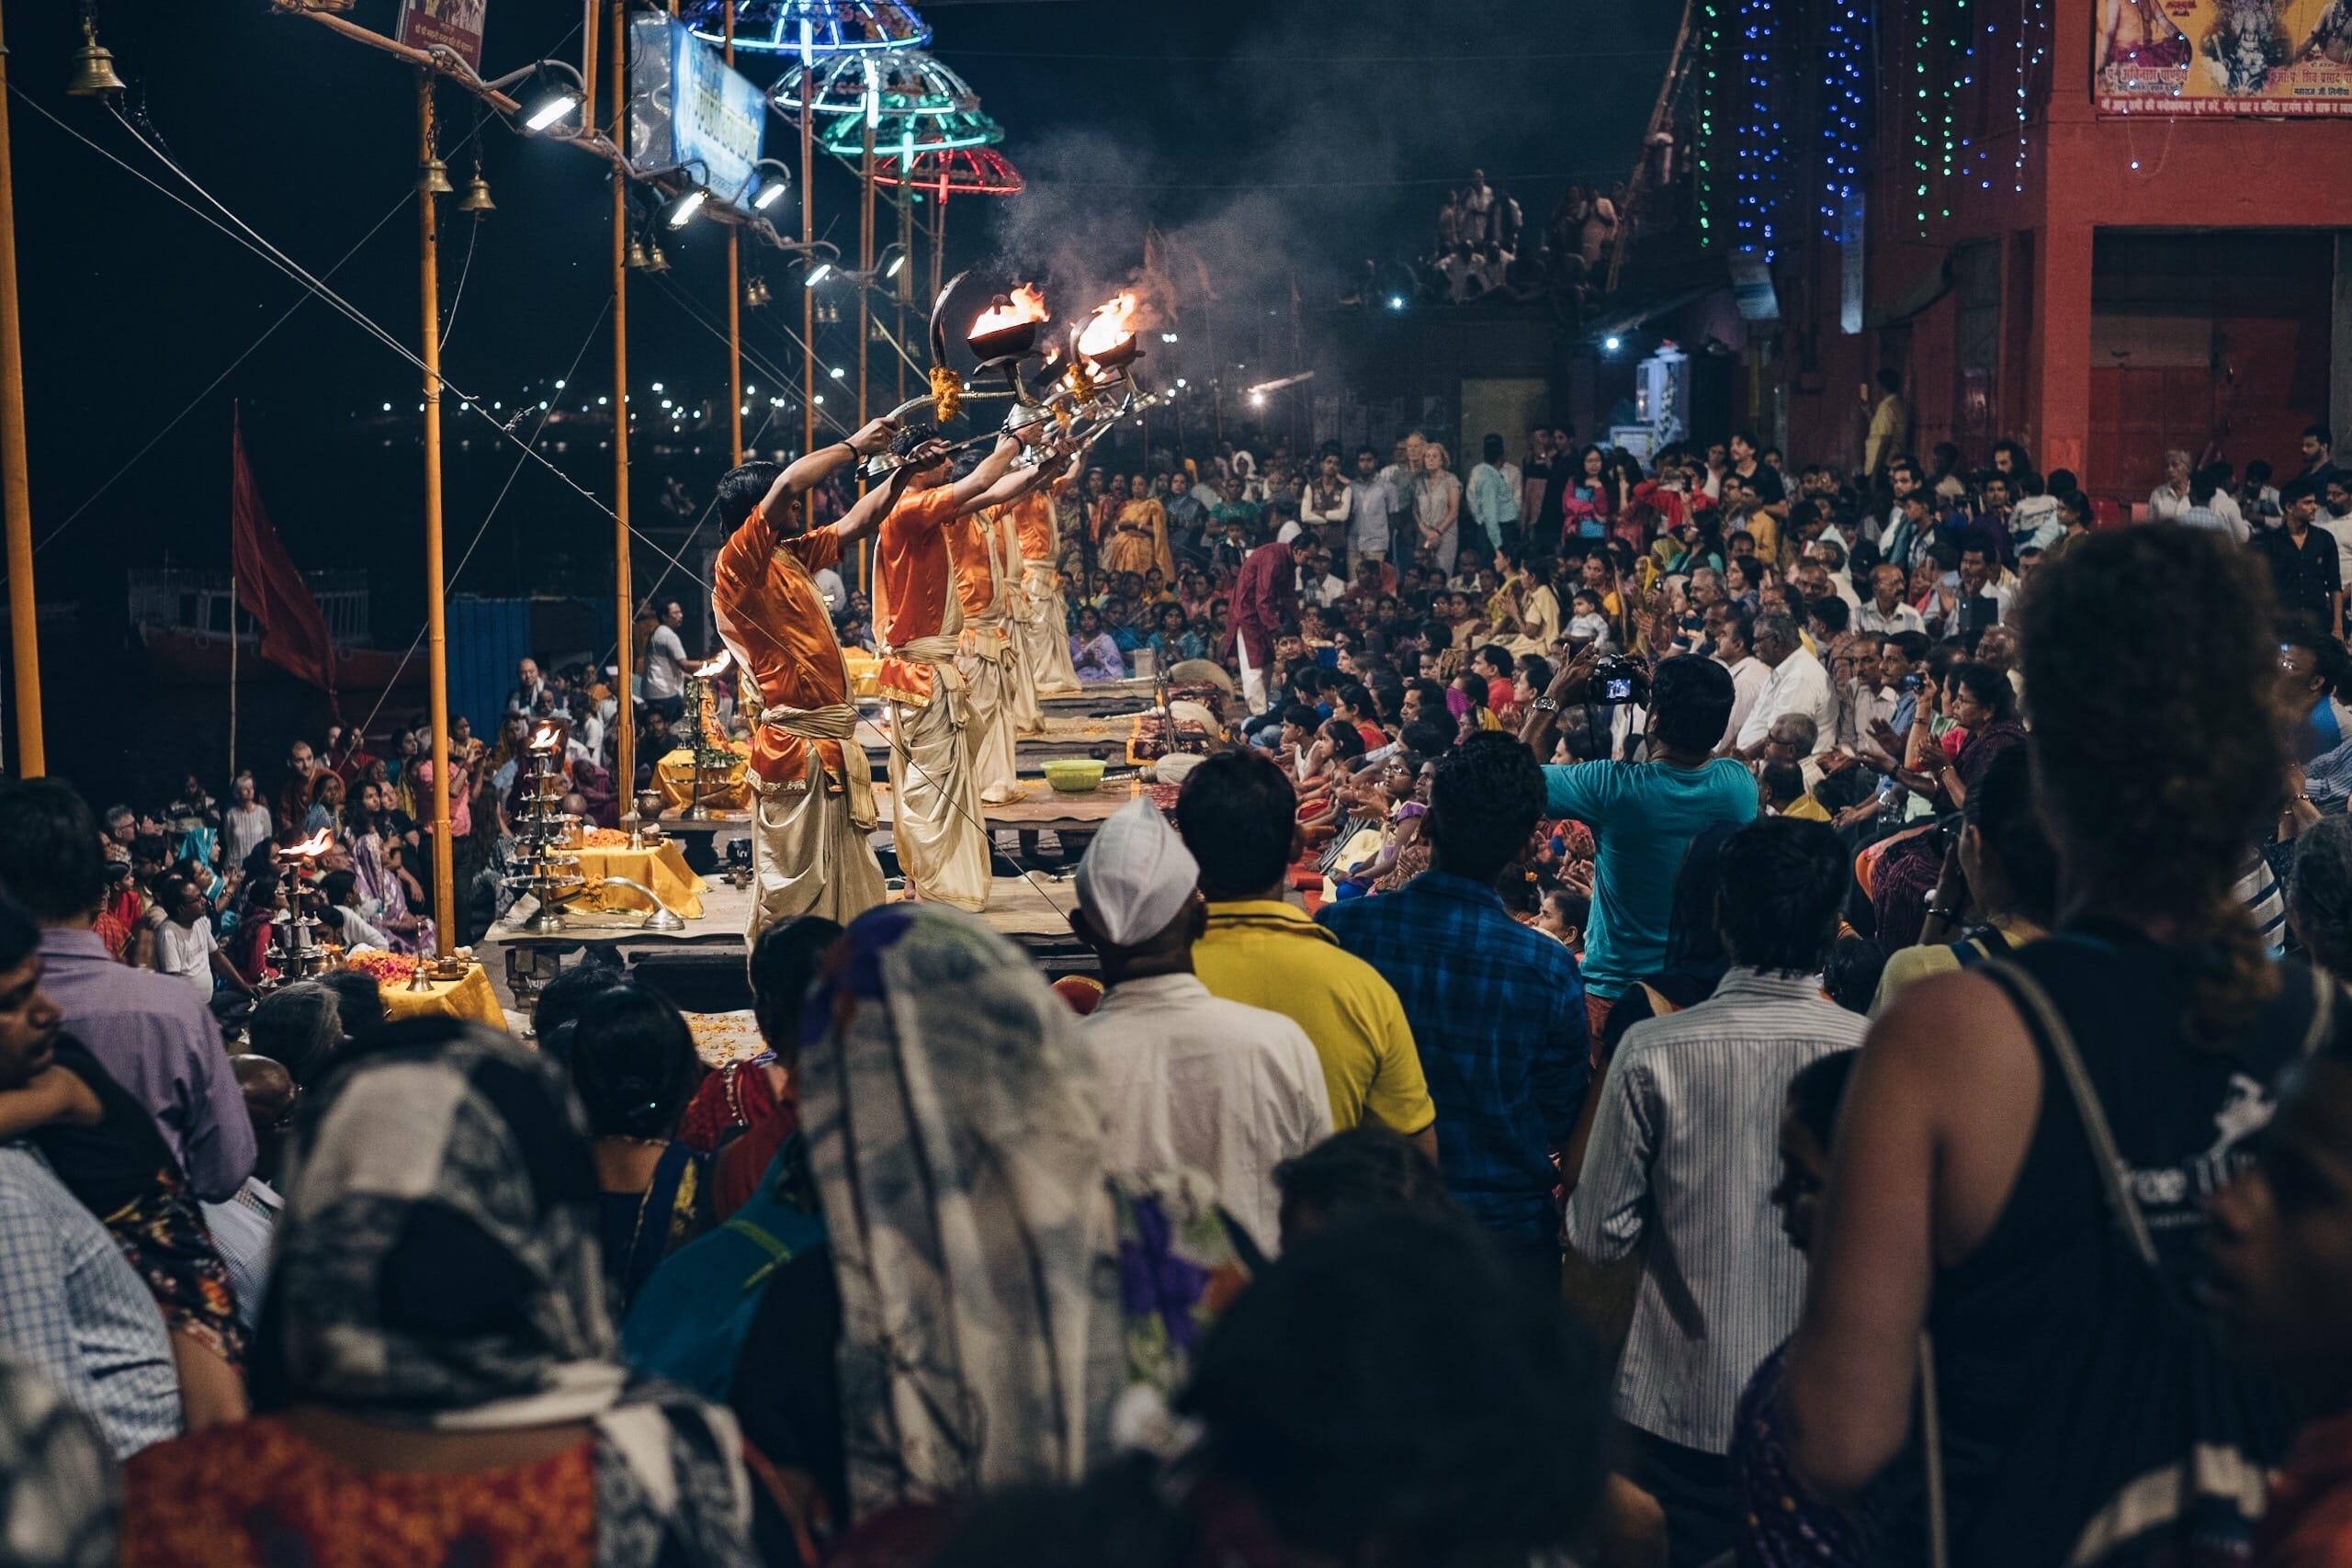 インド旅行を楽しむために。89日間の滞在費用と1週間の予算まとめ|インド